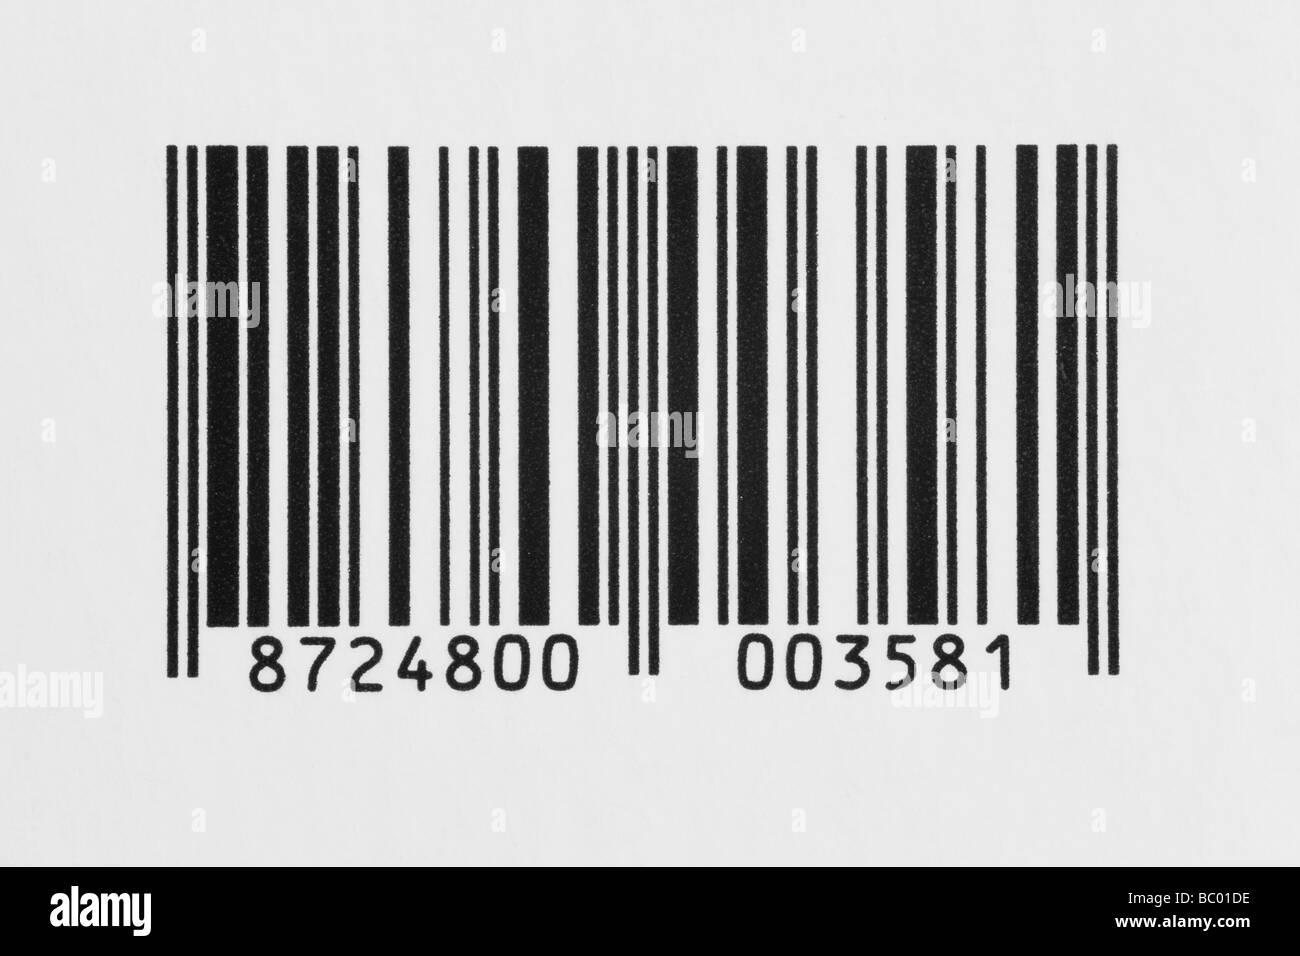 makro detail der strichcode etiketten auf wei em hintergrund stockfoto bild 24587402 alamy. Black Bedroom Furniture Sets. Home Design Ideas